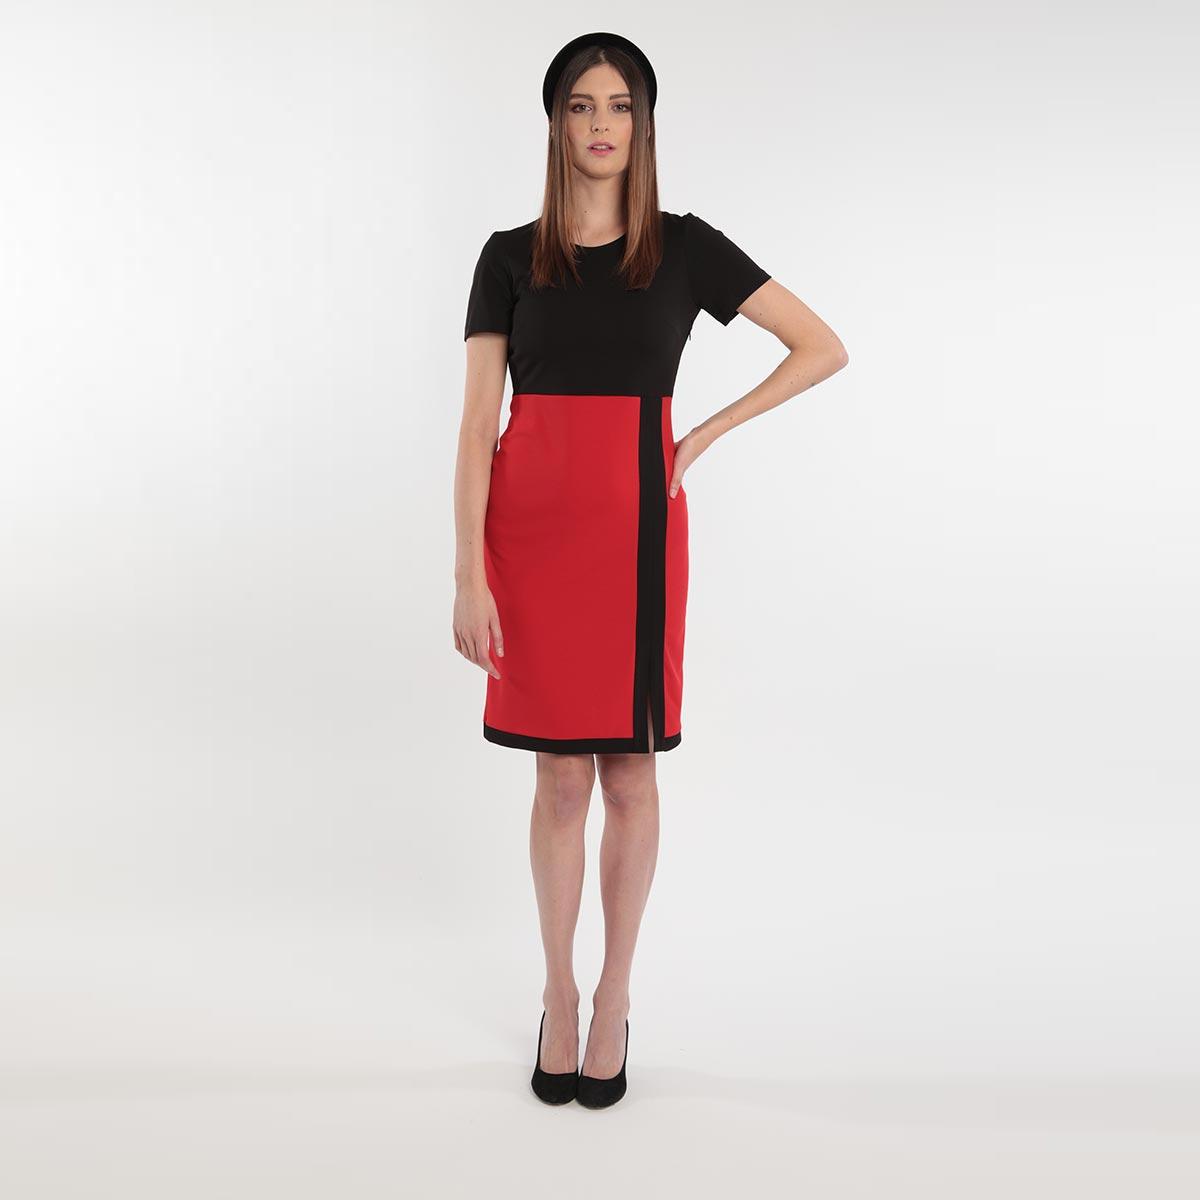 Abito dai colori vivaci donna curvy primavera 2020 Meteore Fashion